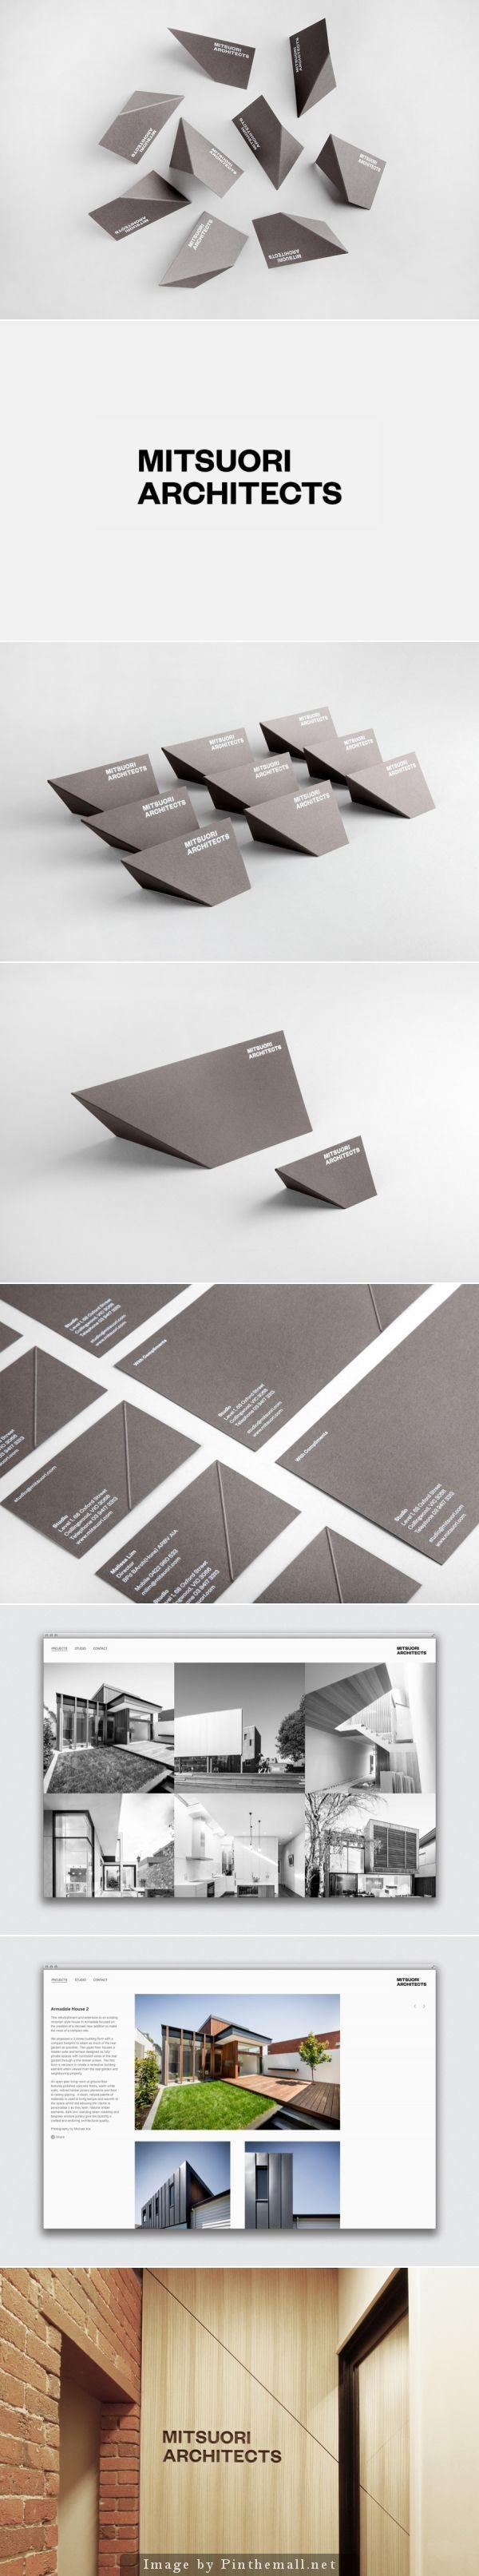 Wenn die Visitenkarte zum Namensschild wird... Praktisch. ^^ | |#design #grafikdesign | | Mehr Inspiration auf www.dermichael.net